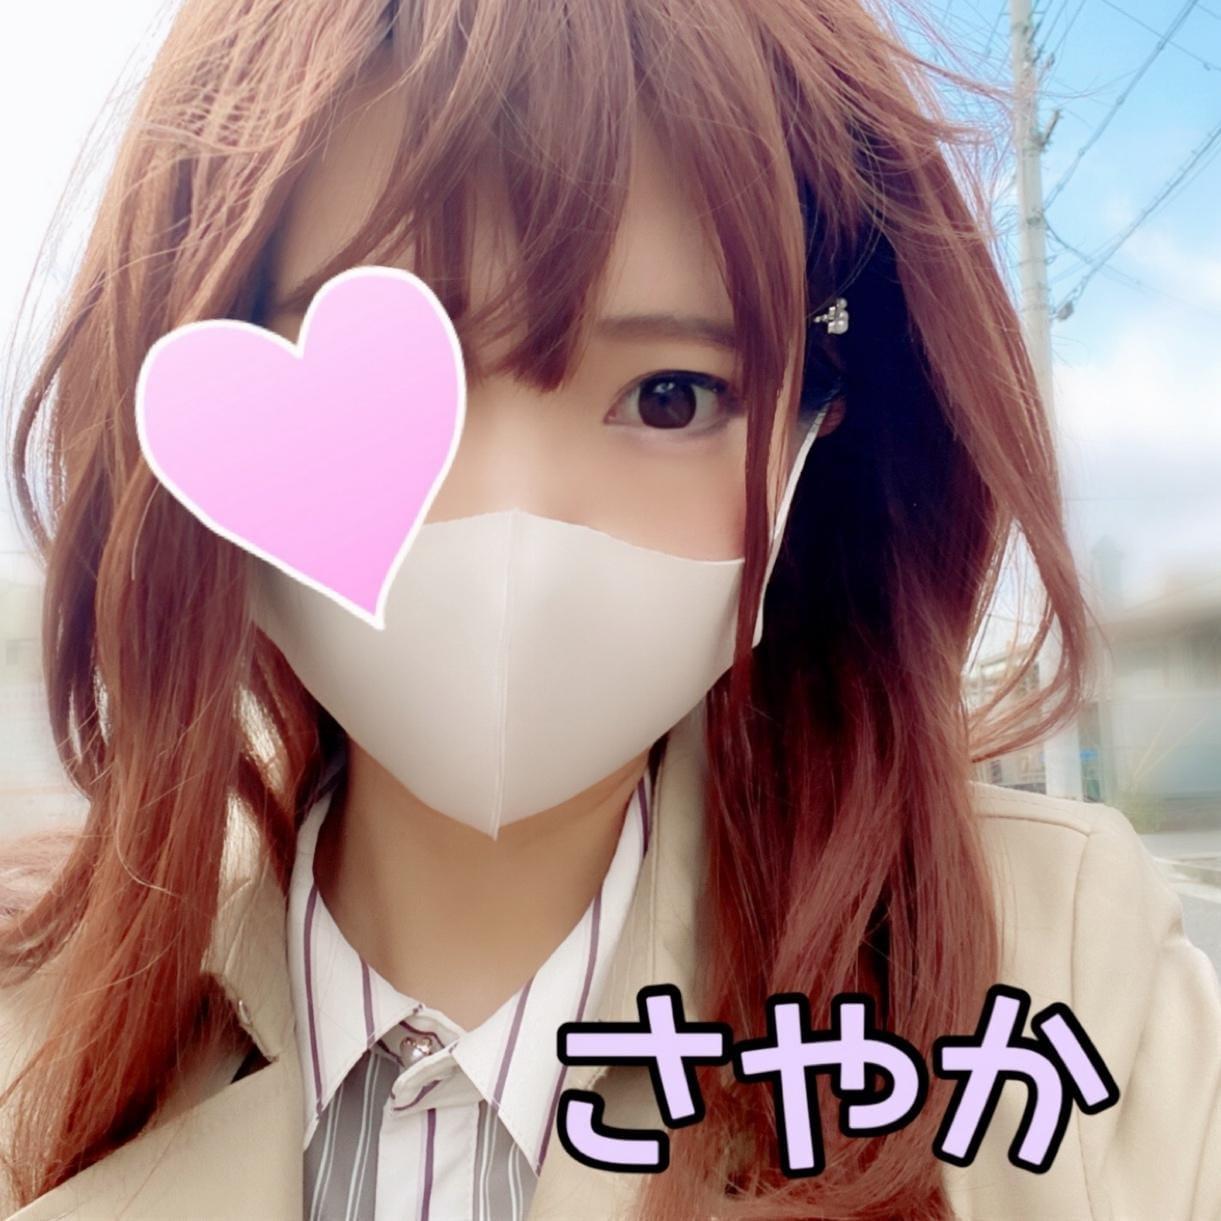 「さやかです☆お昼のお礼です!」02/23(火) 18:56 | 新人 さやかサンの写メ・風俗動画